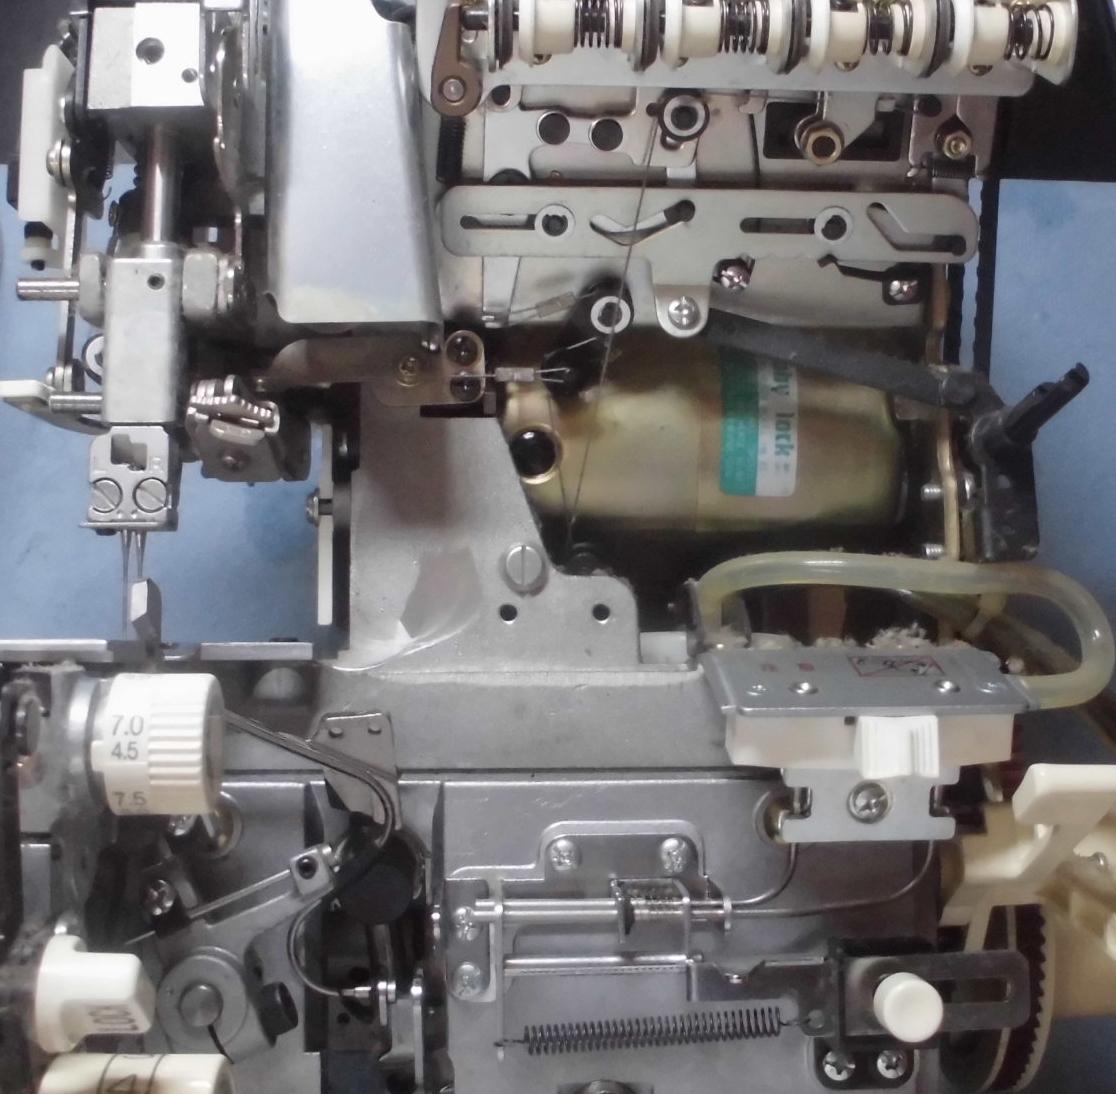 糸取物語BL66の分解オーバーホールメンテナンス|ジューキベビーロックミシン修理